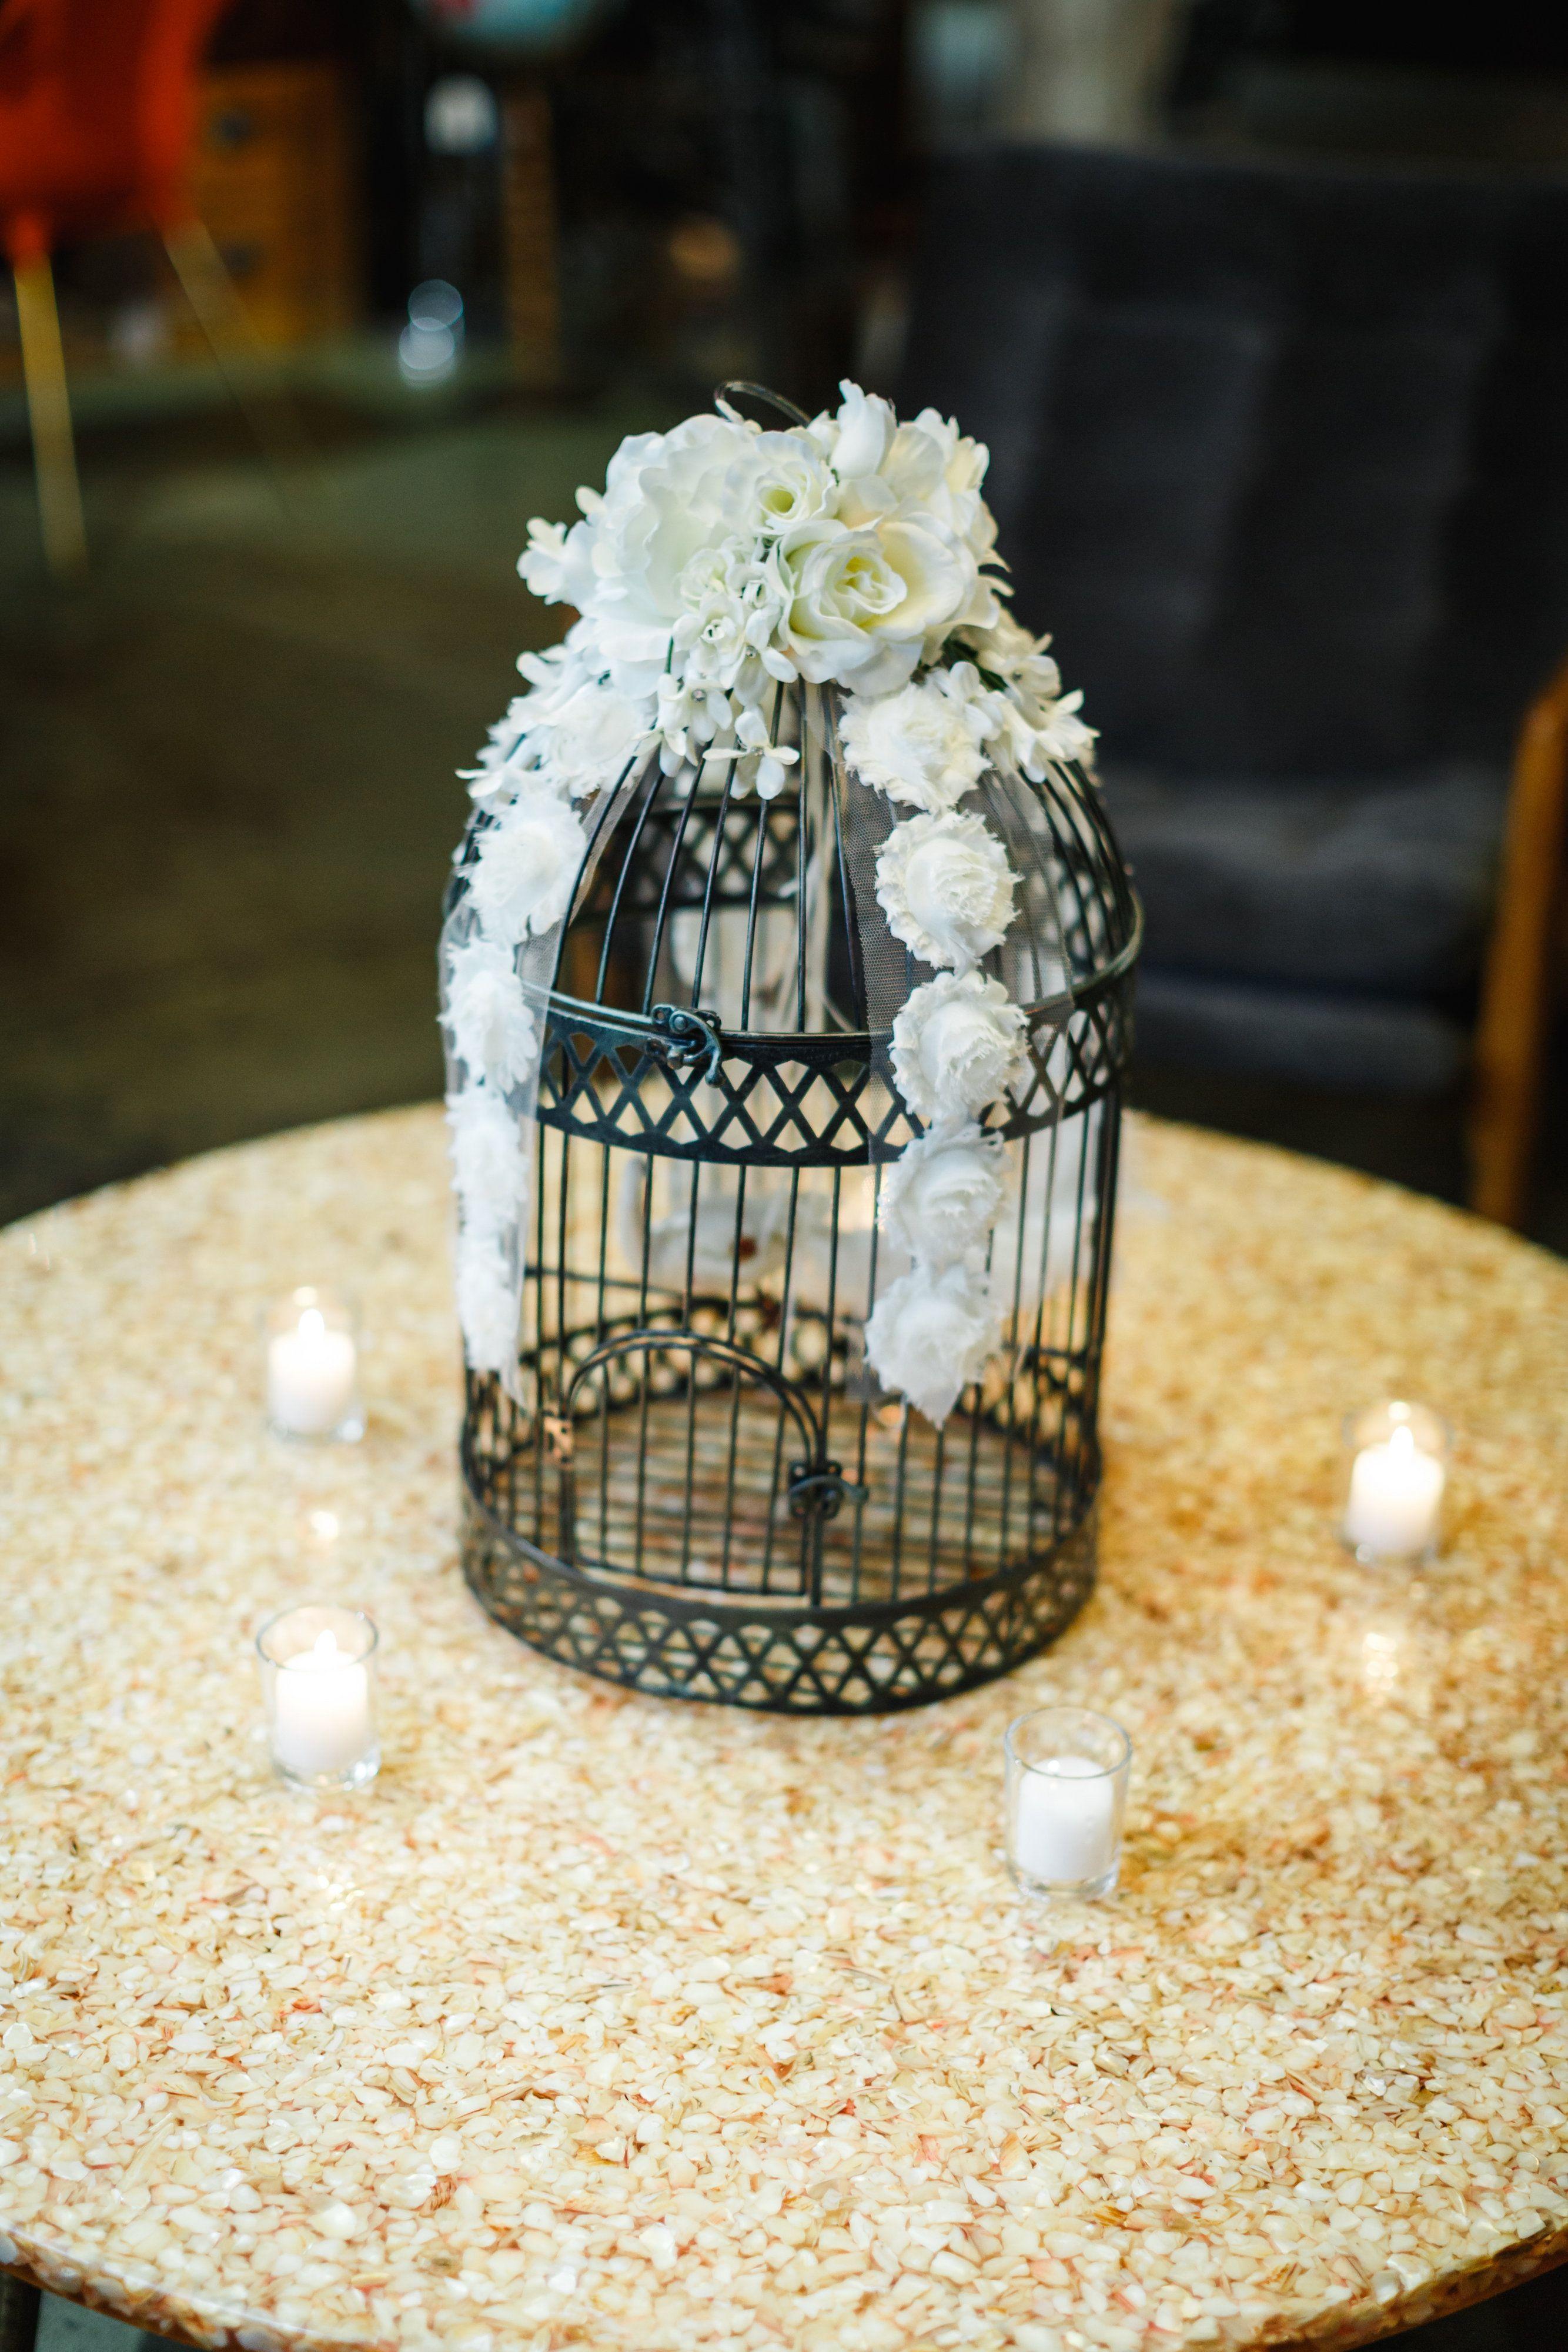 Craigslist Wedding Centerpieces Found On Stlouis Craigslist Org